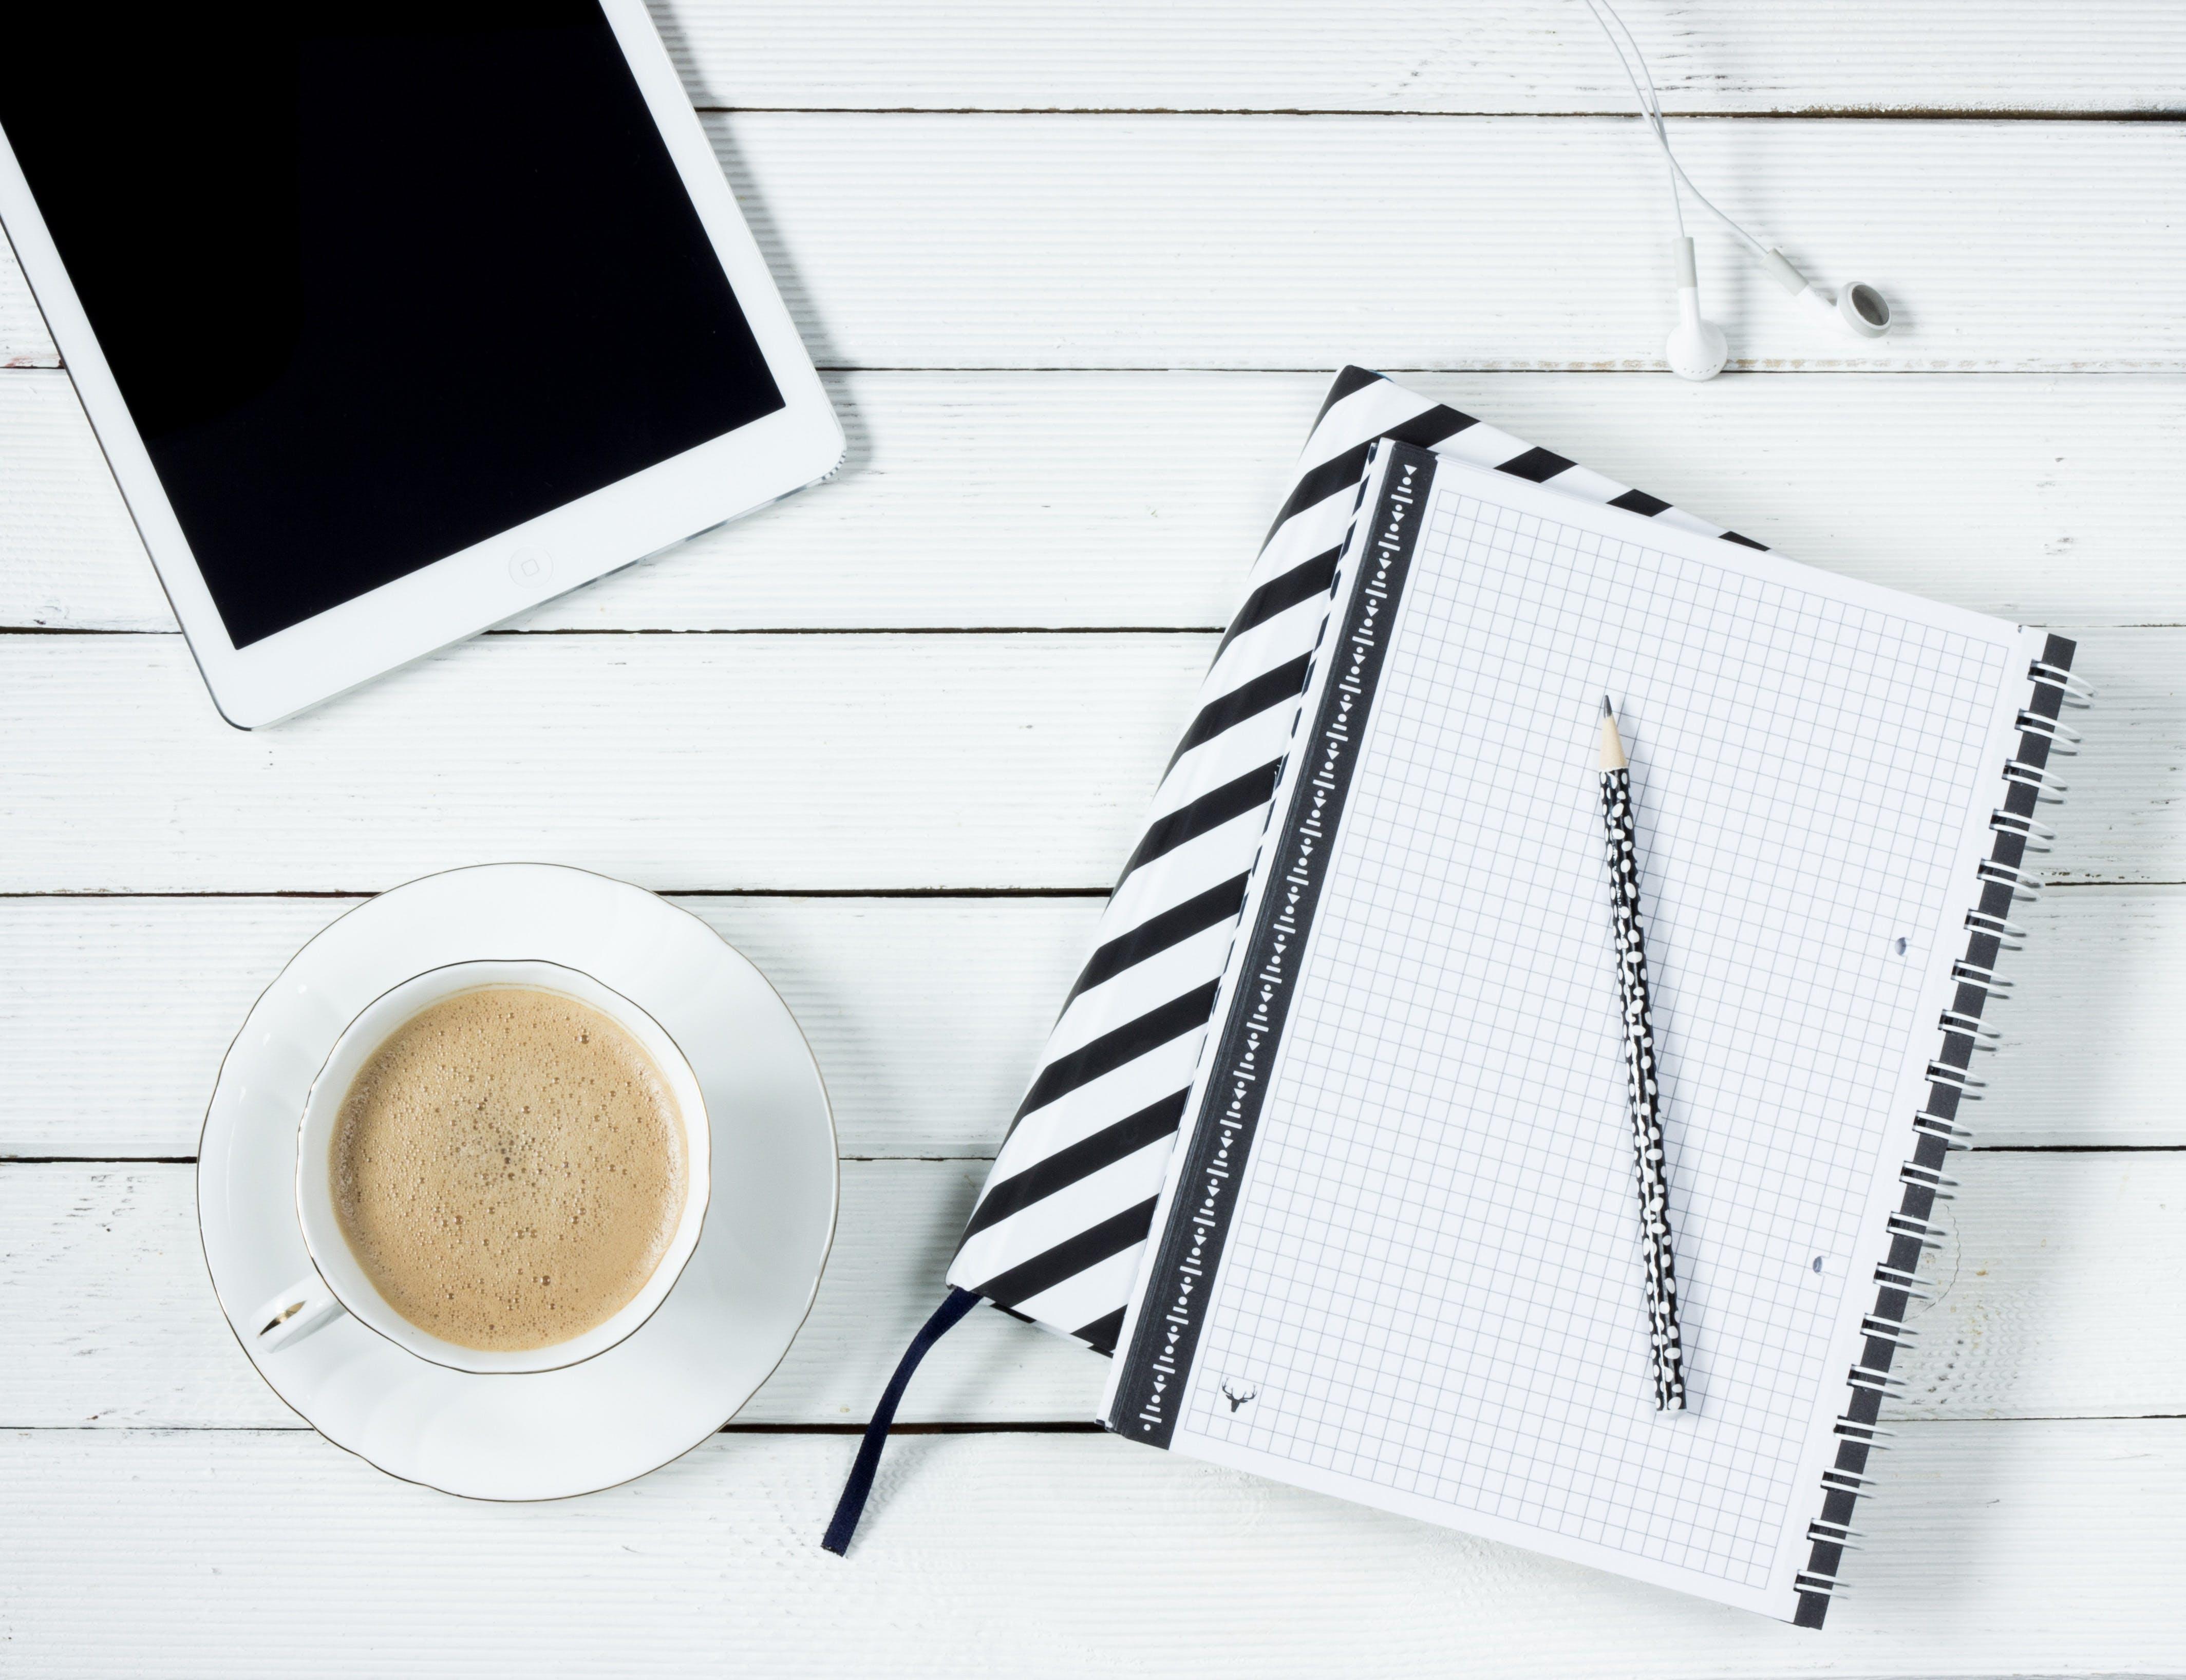 Kostenloses Stock Foto zu kaffee, tasse, becher, schreibtisch